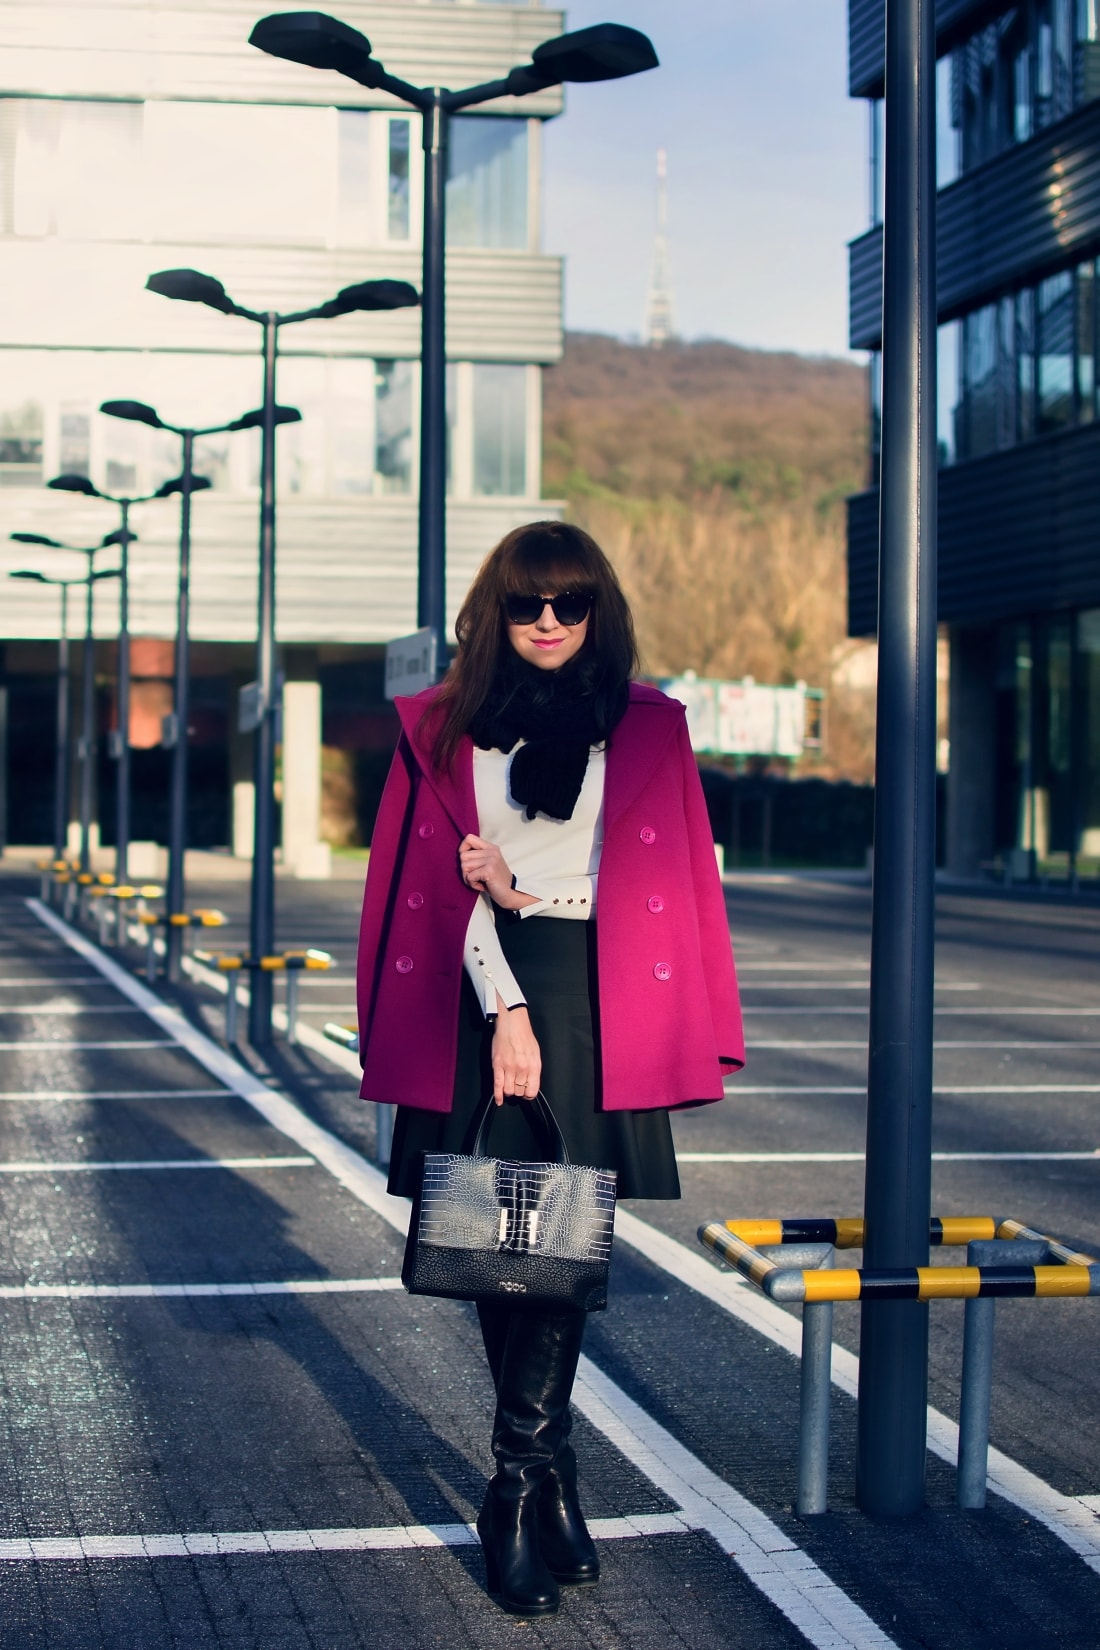 MISTEROPTIC INTERVIEW_Katharine-fashion is beautiful_blog 2_Slnečné okuliare Dolce&Gabbana_Fialový kabát_Black and white_Katarína Jakubčová_Fashion blogger